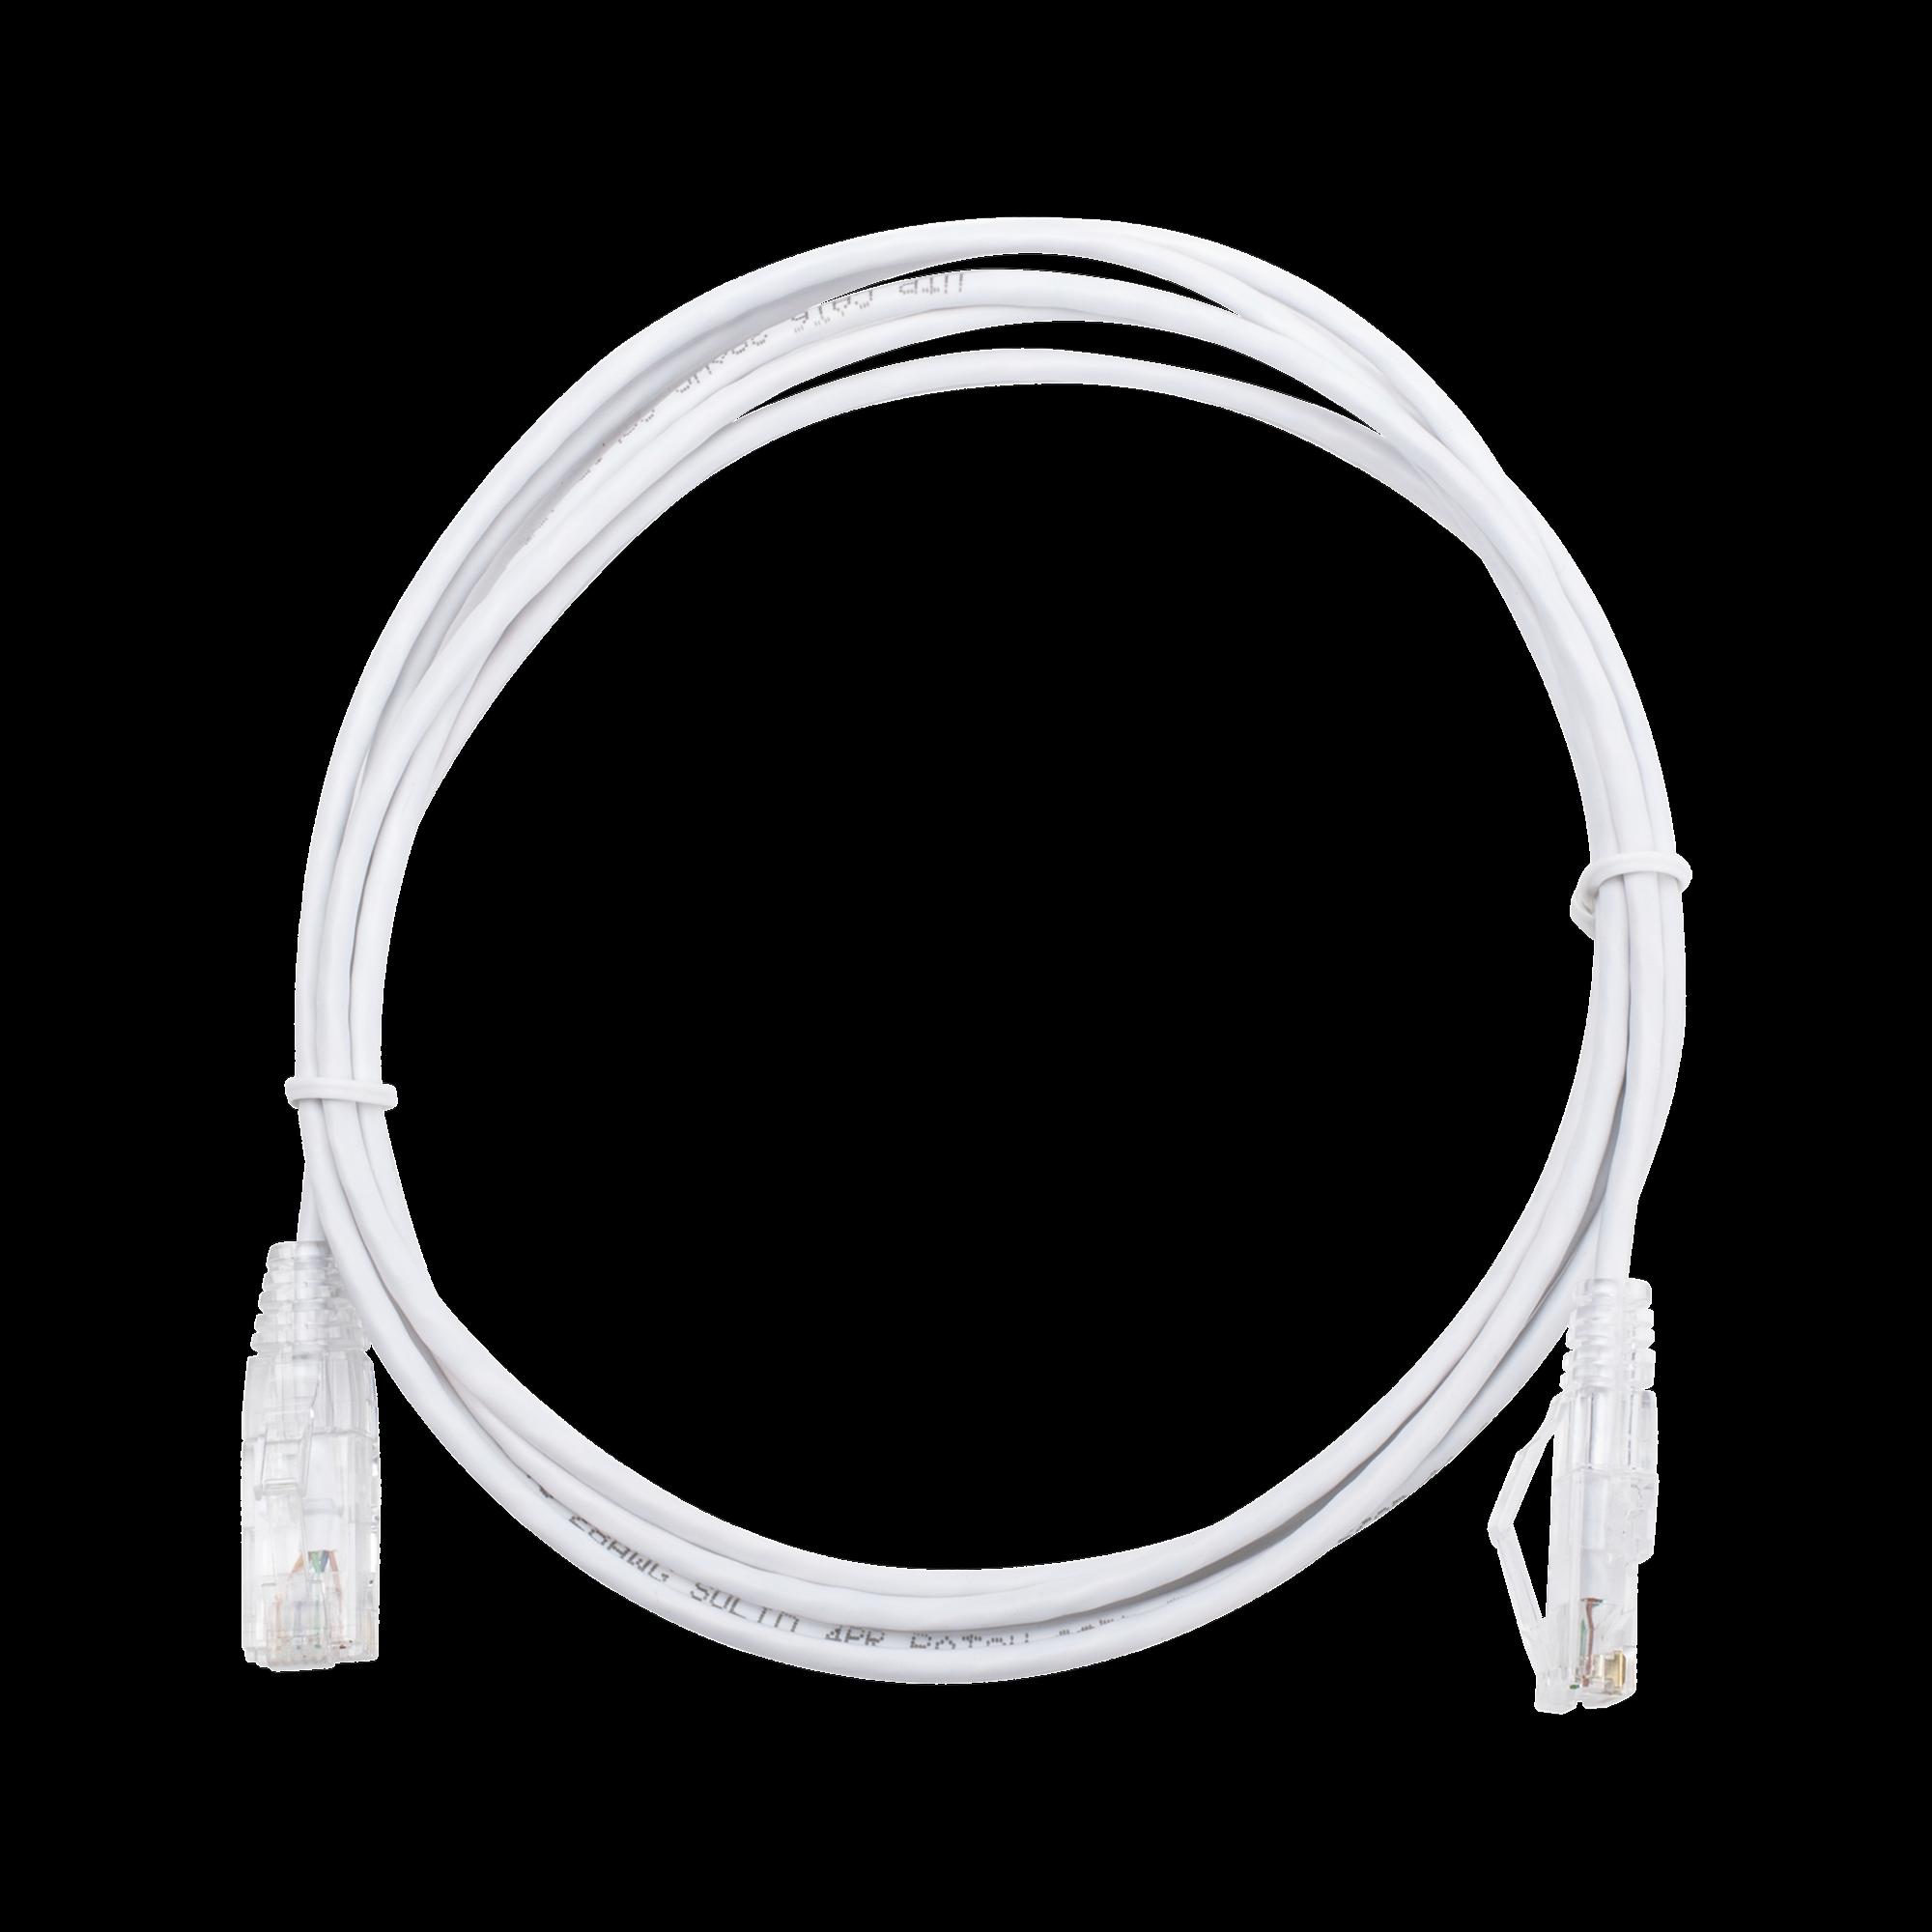 Cable de Parcheo Slim UTP Cat6 - 2 m Blanco Diámetro Reducido (28 AWG)